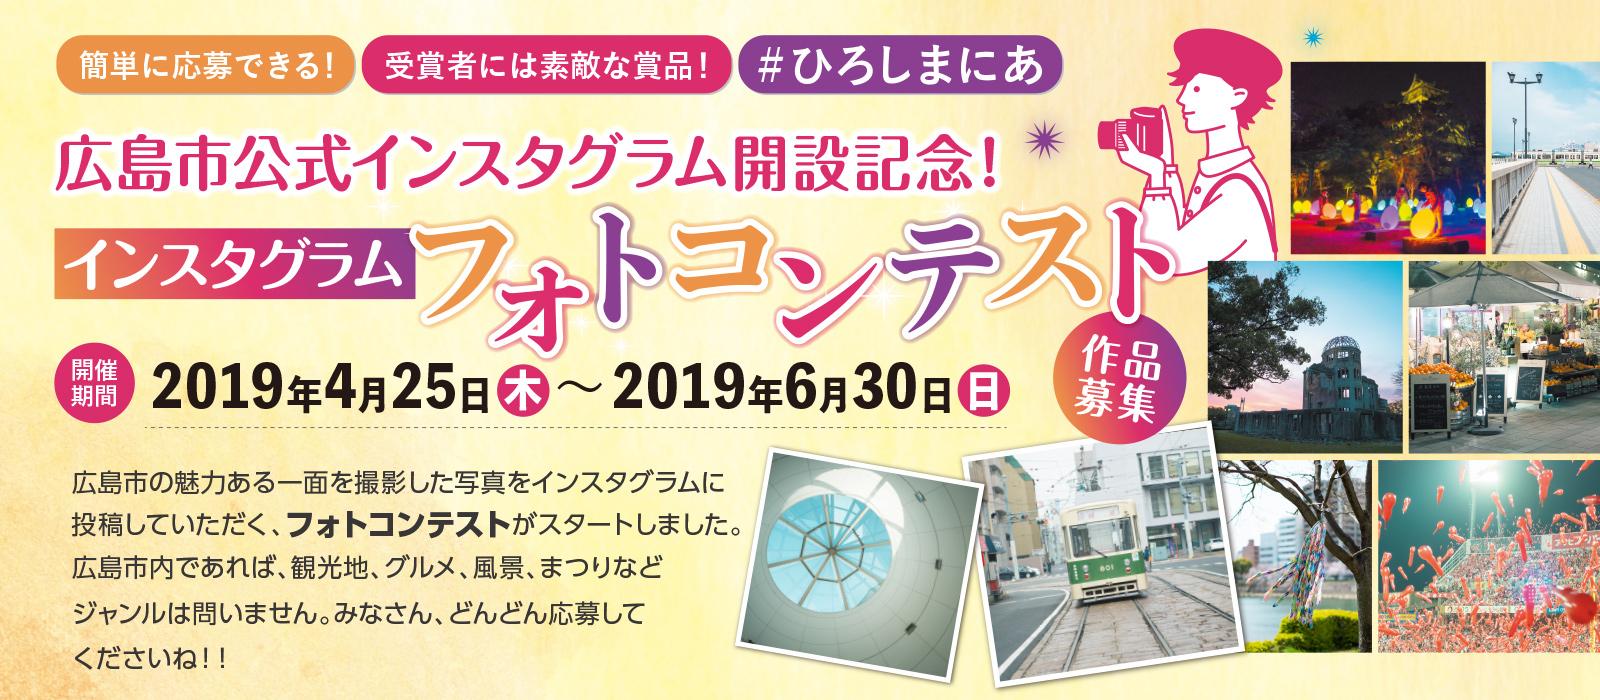 広島インスタグラムフォトコンテスト